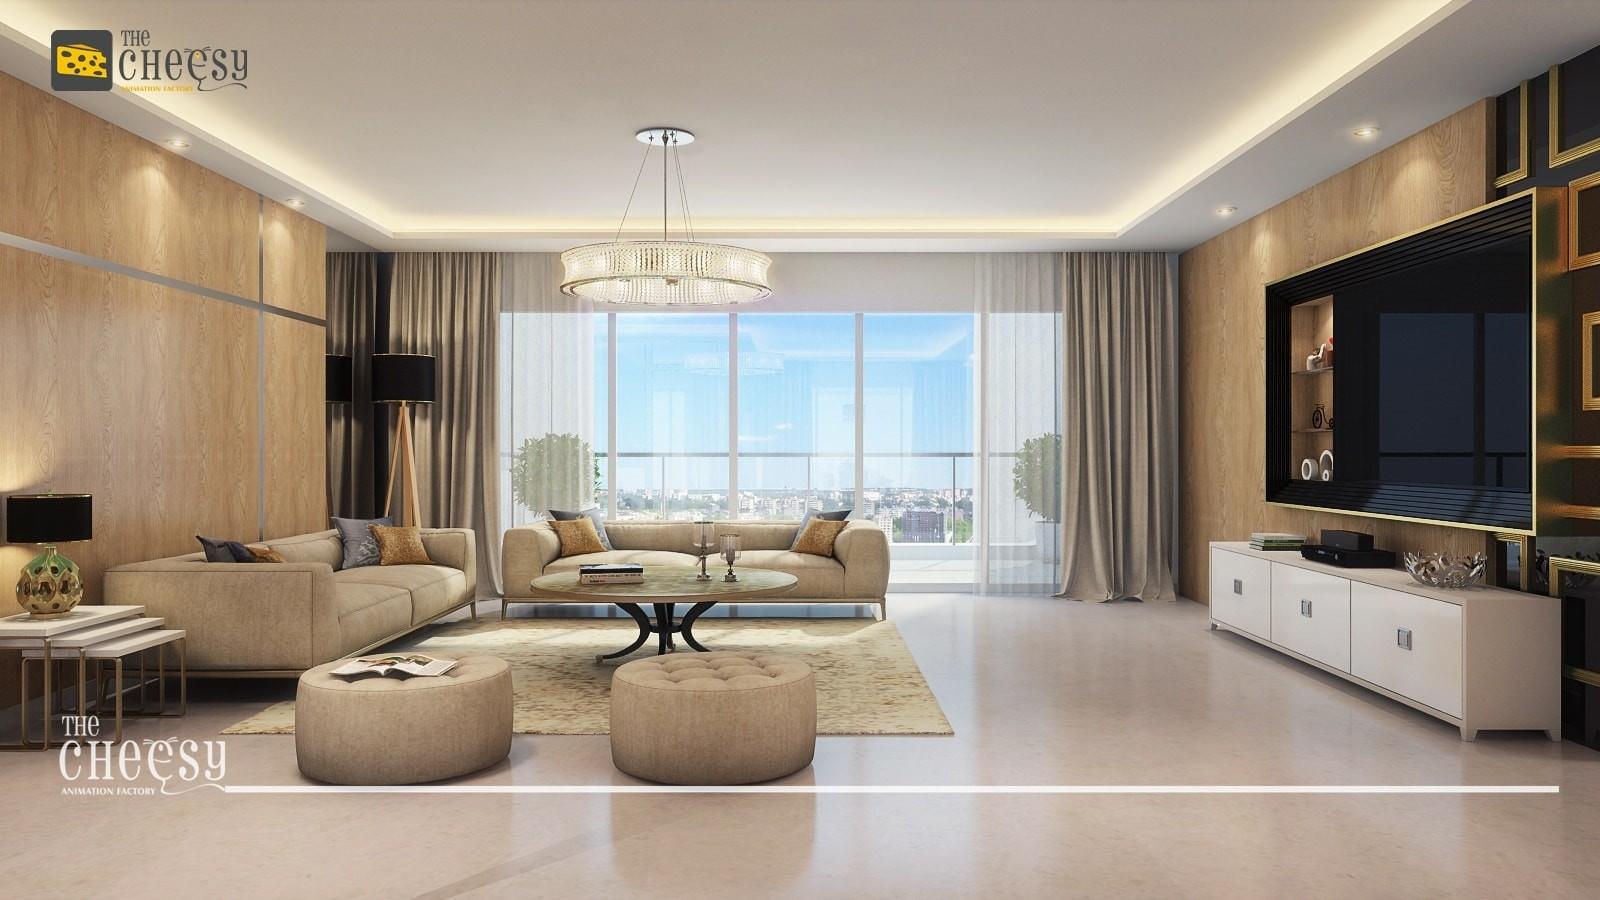 Unique Interior Design Concept of 2018 | 3D Architectural Rendering ...